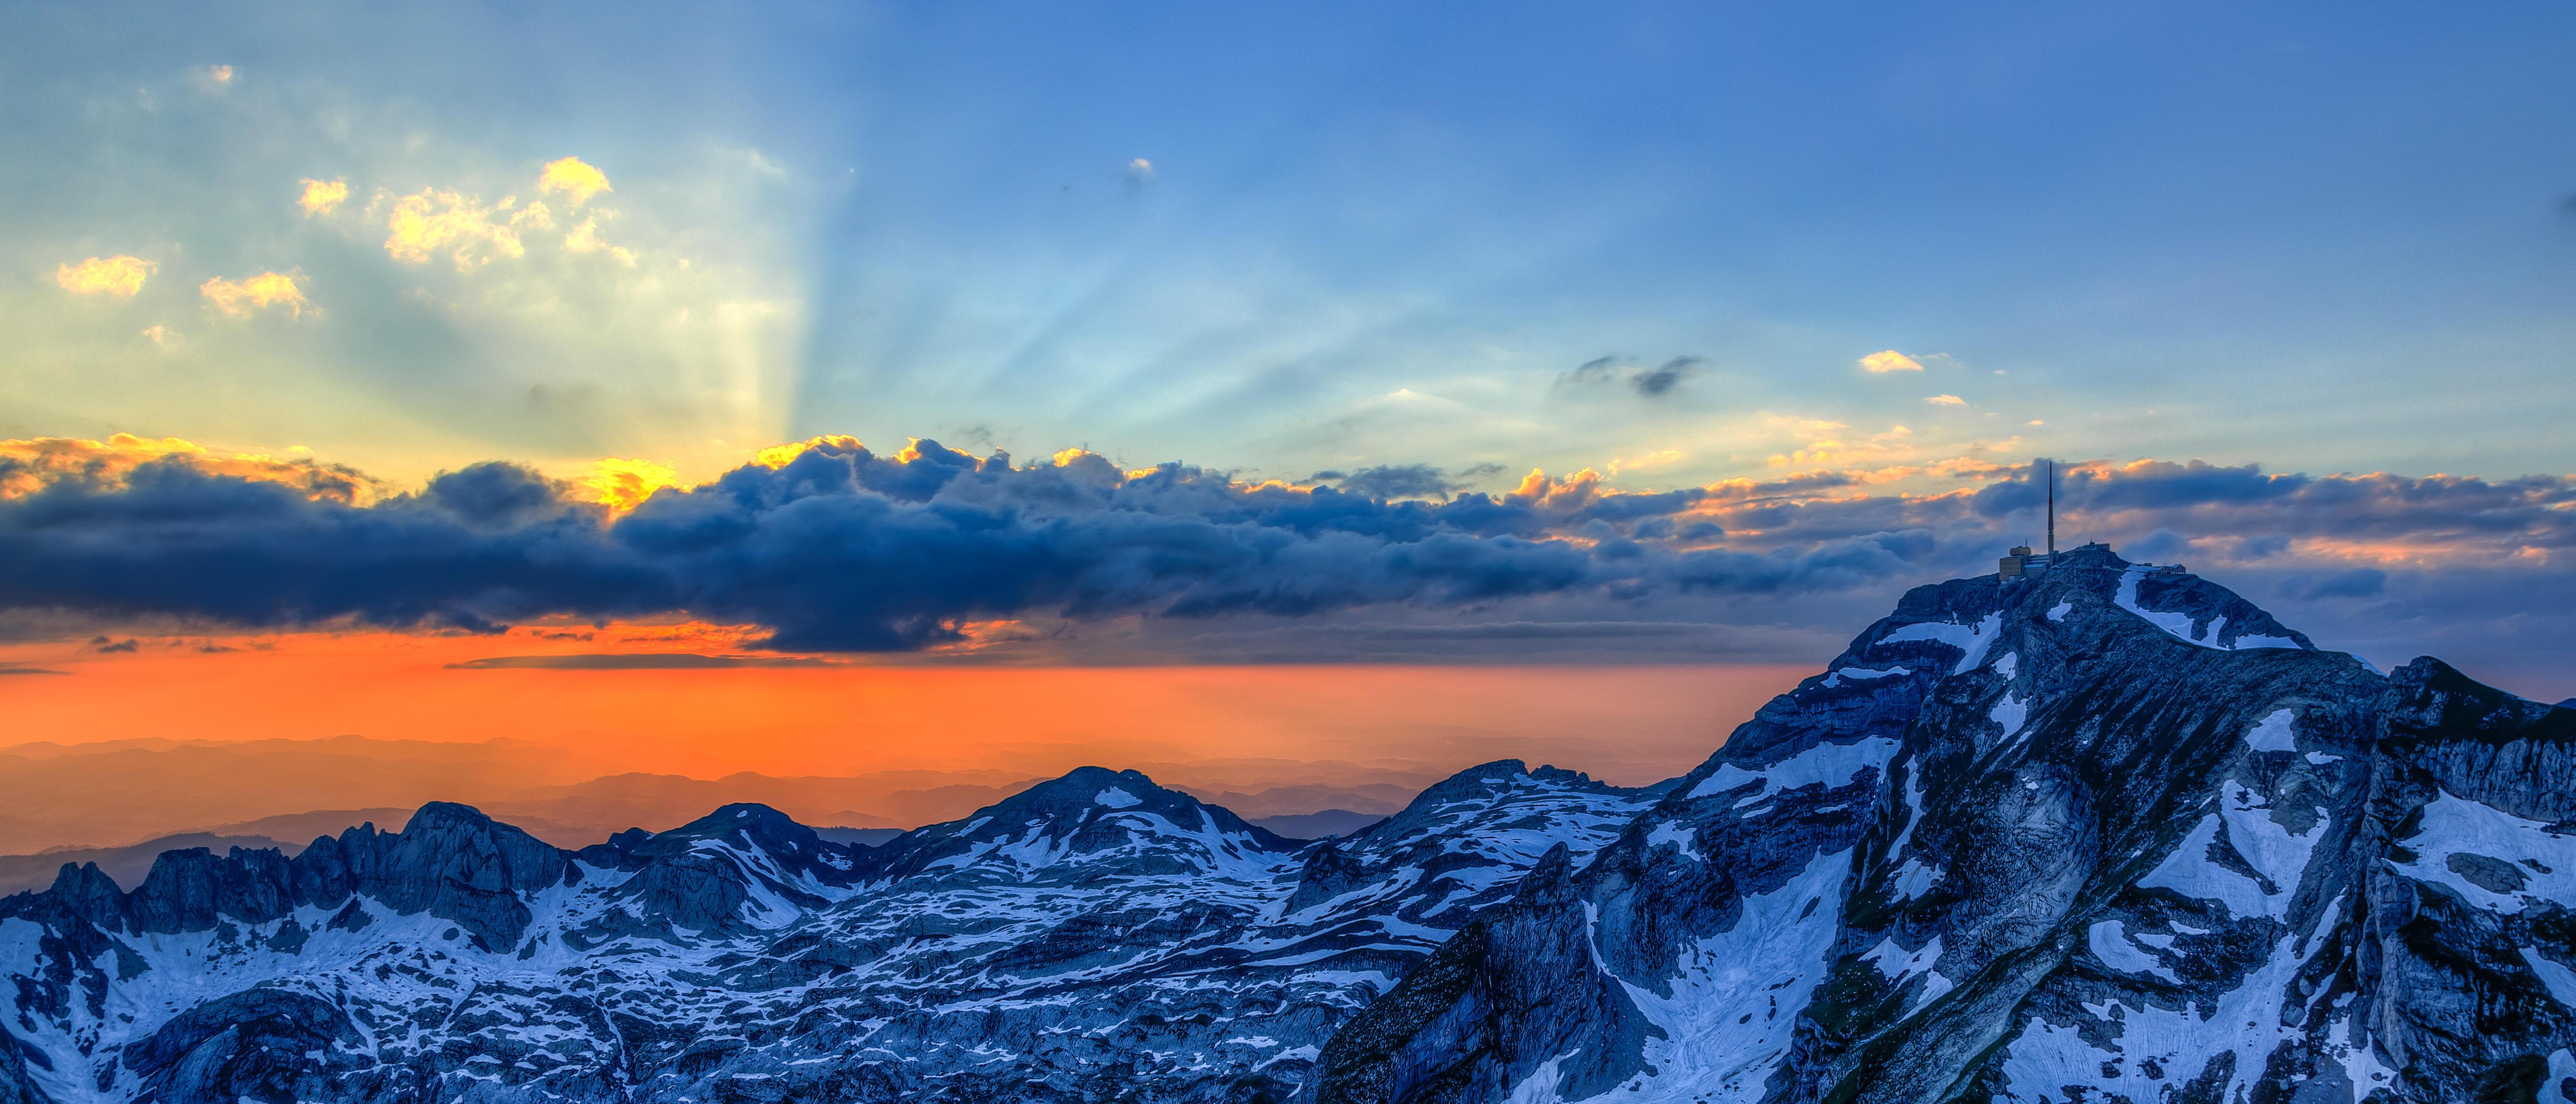 обои Швейцария, Альпы, горы, закат картинки фото